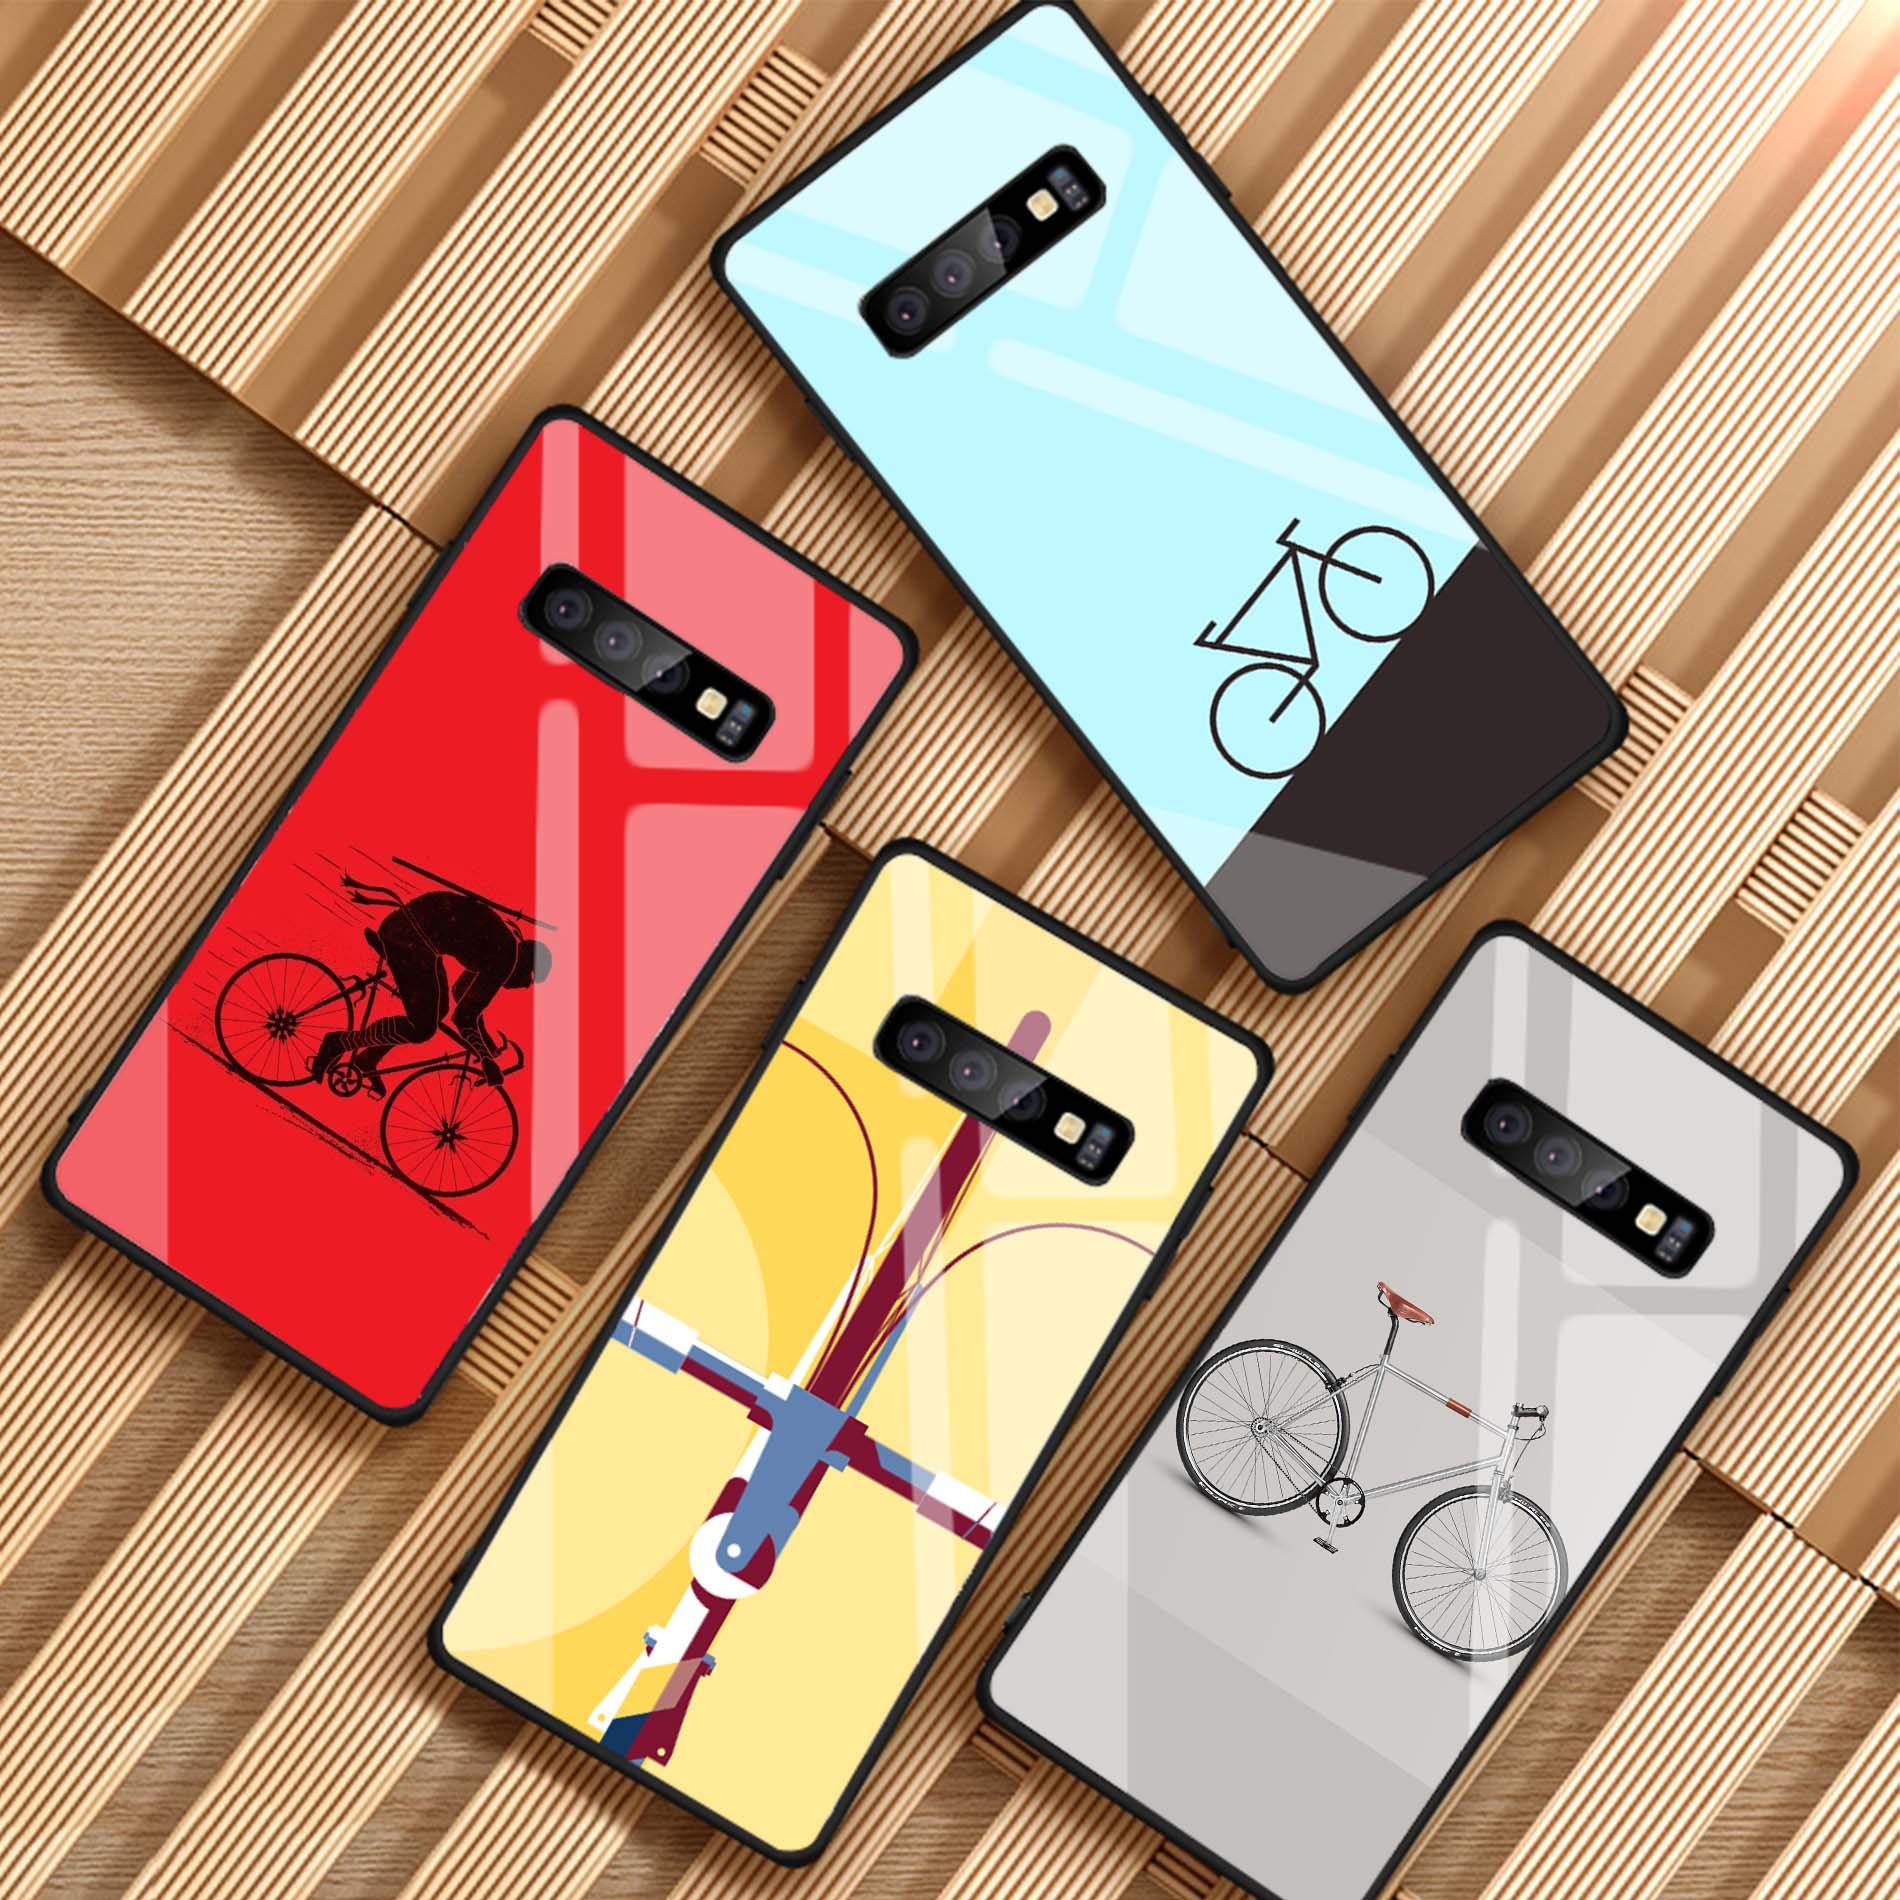 Bicicleta ciclismo funda de vidrio templado para teléfono para Samsung Galaxy A6 A6S A8 J6 J8 2018 Nota 8 9 S8 S9 S10 PLUS